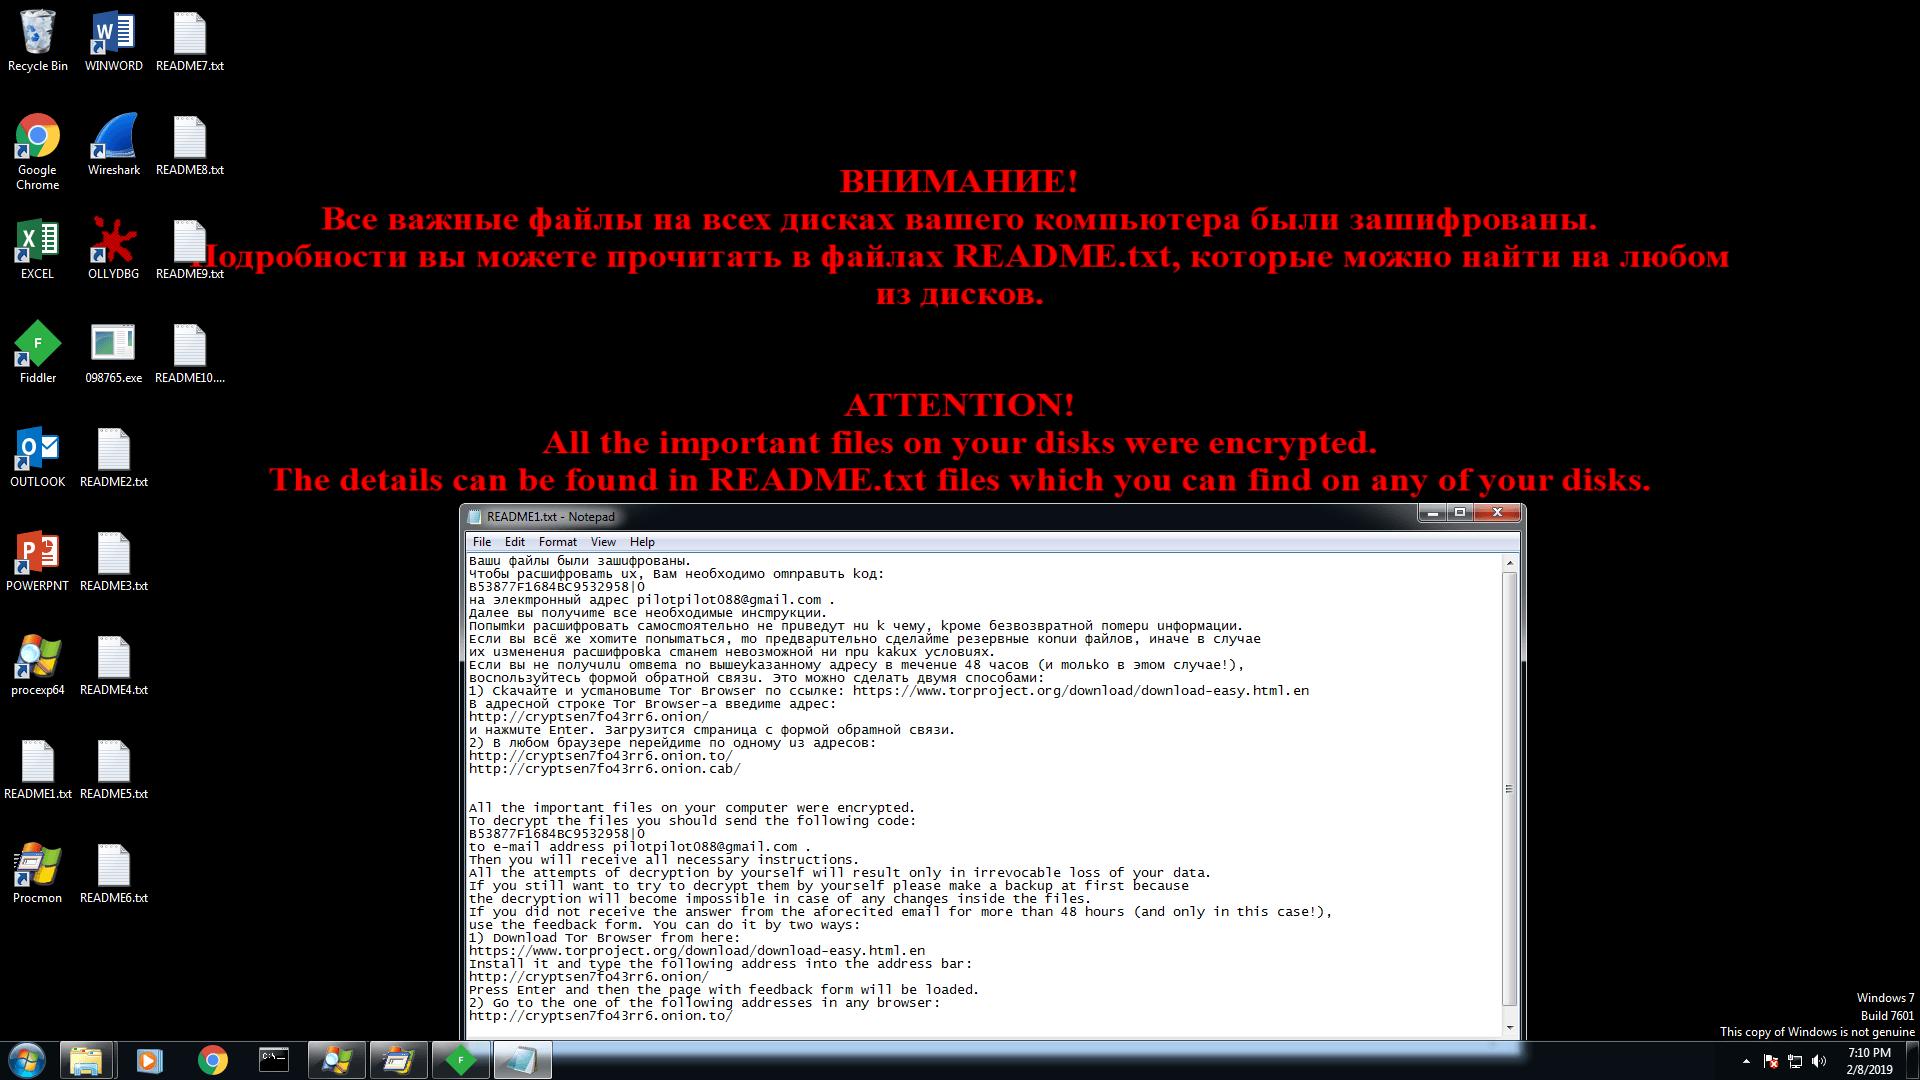 Пример рабочего стола зашифрованного компьютера